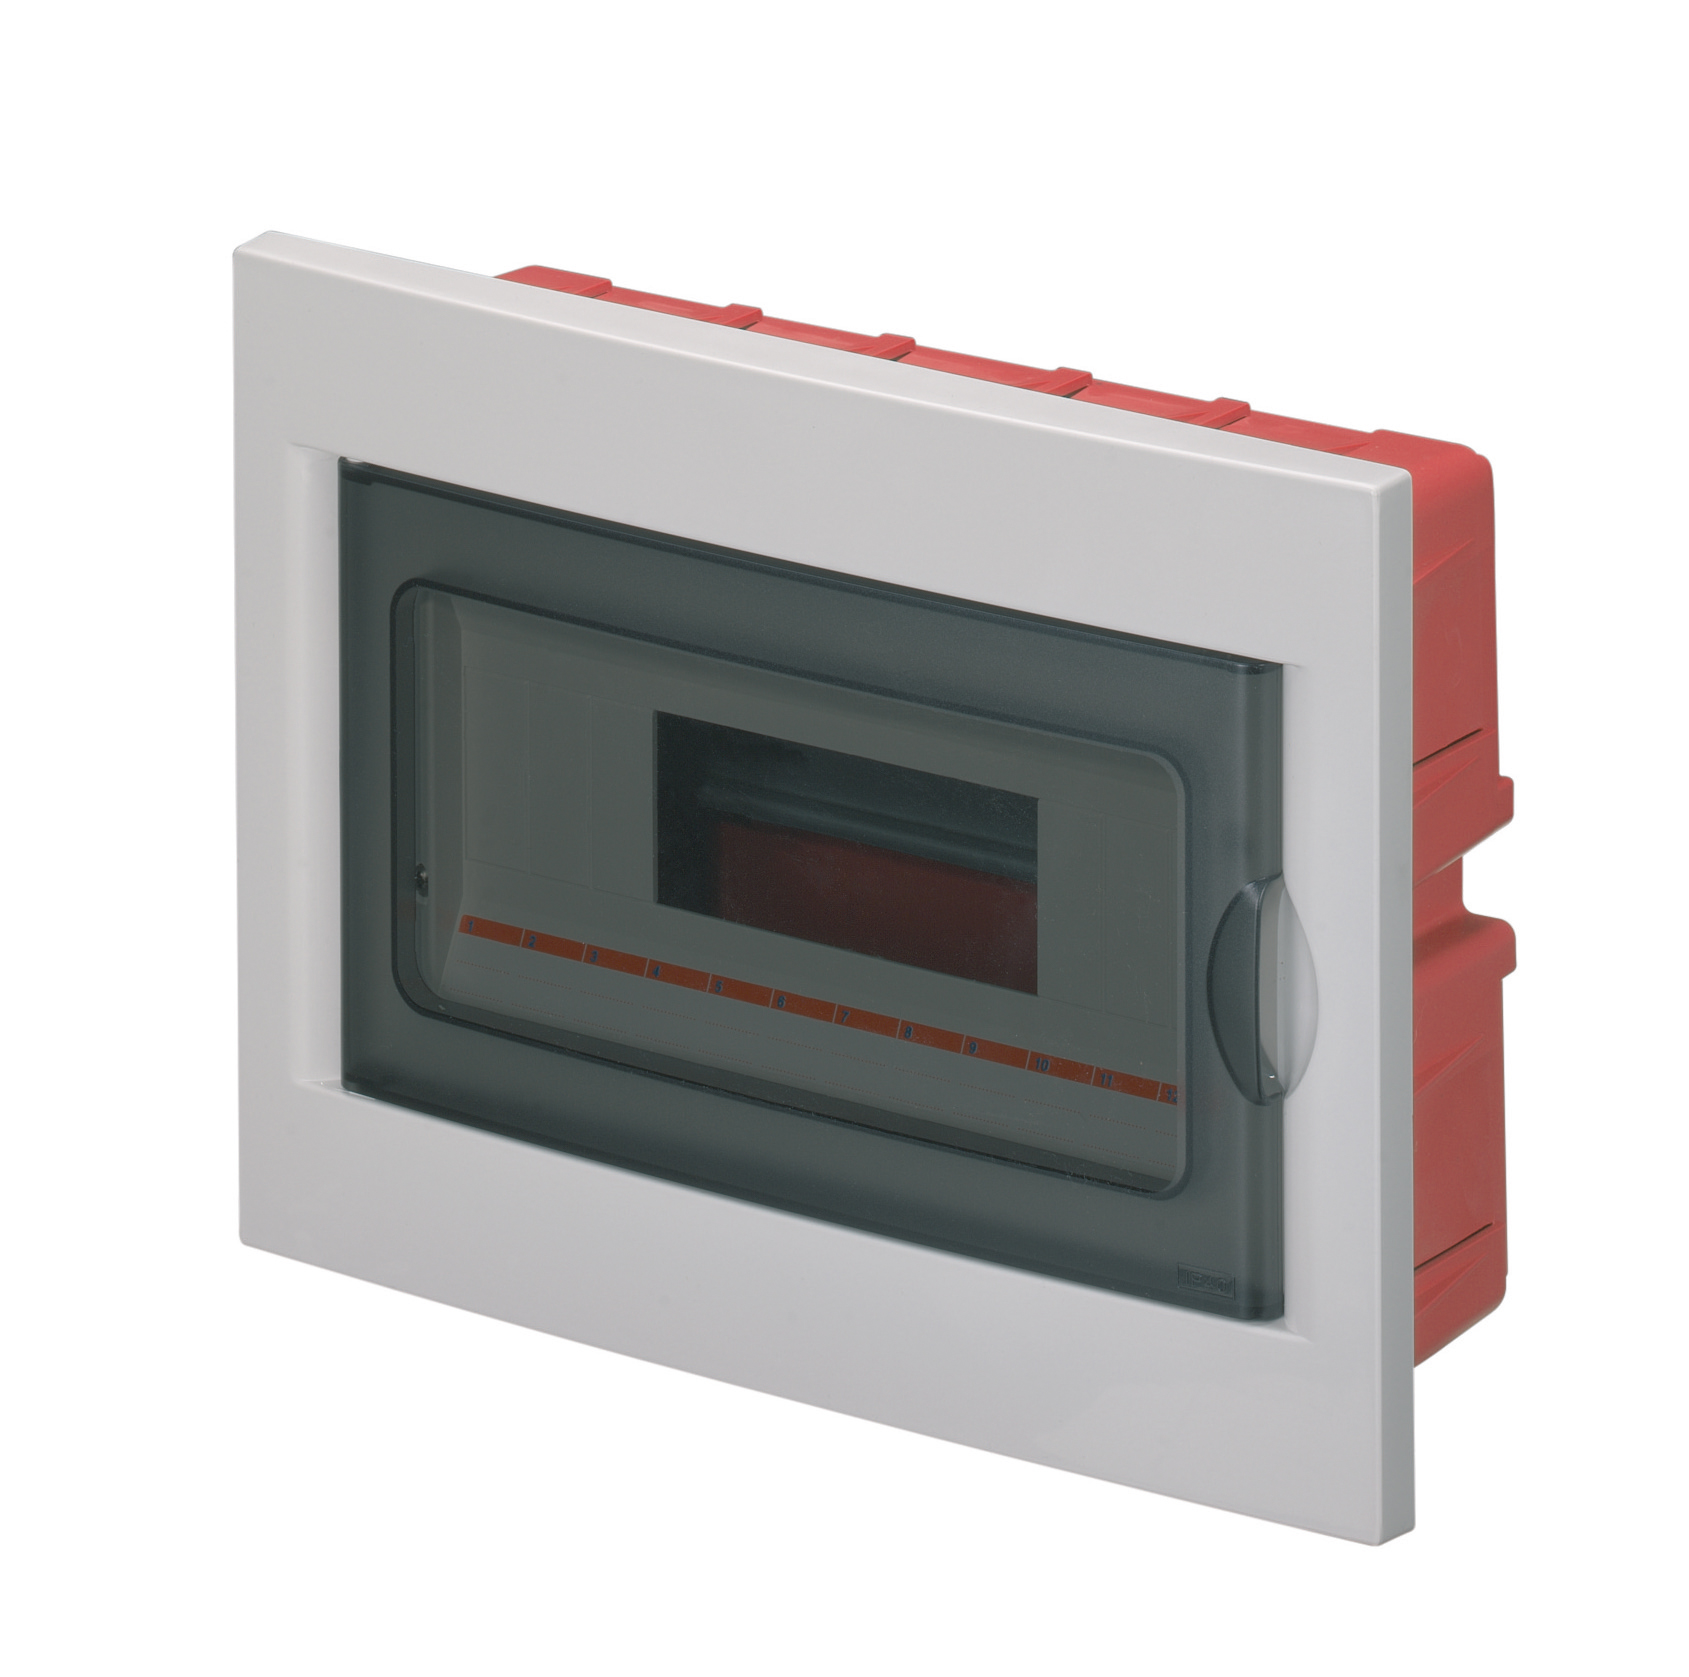 Centralini da incasso elettro for Quadro esterno 72 moduli